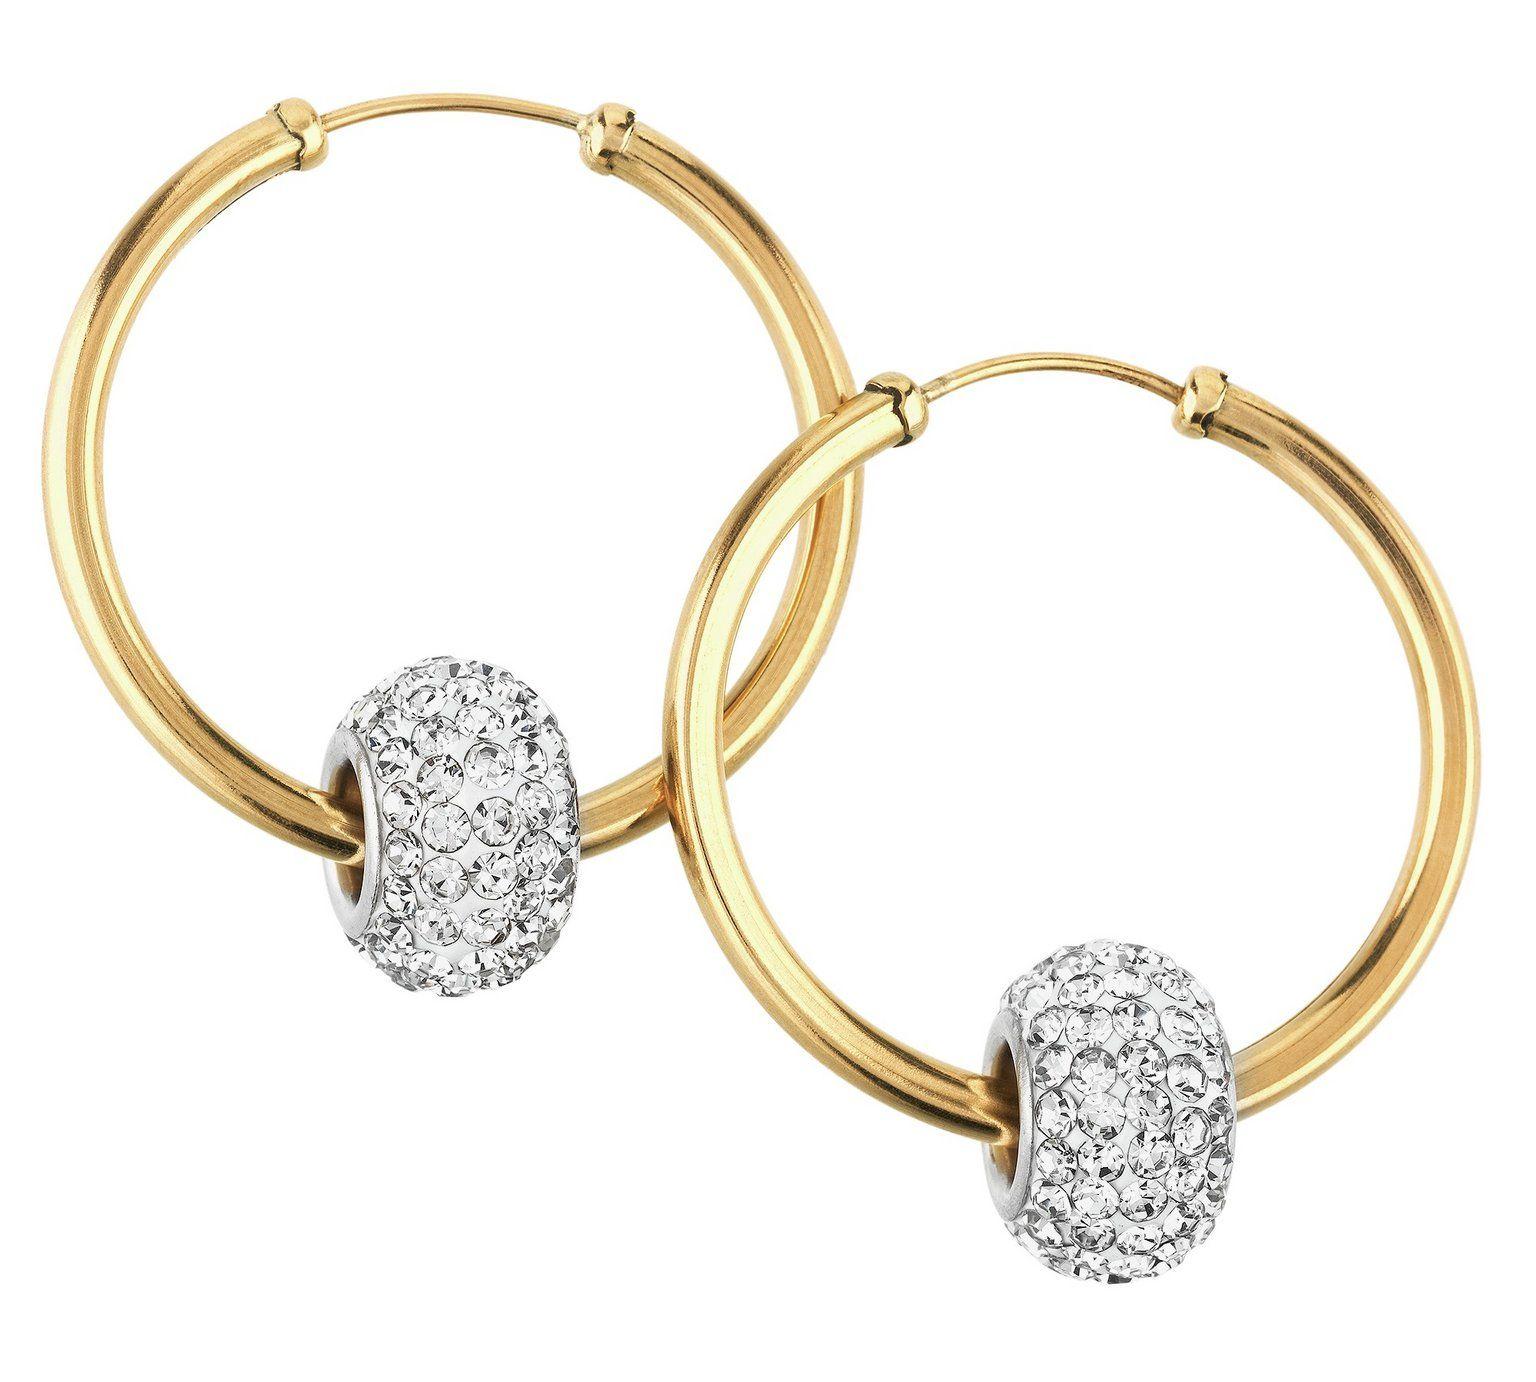 Revere 9ct Gold Crystal Glitter Slider Hoop Earrings At Argos Co Uk